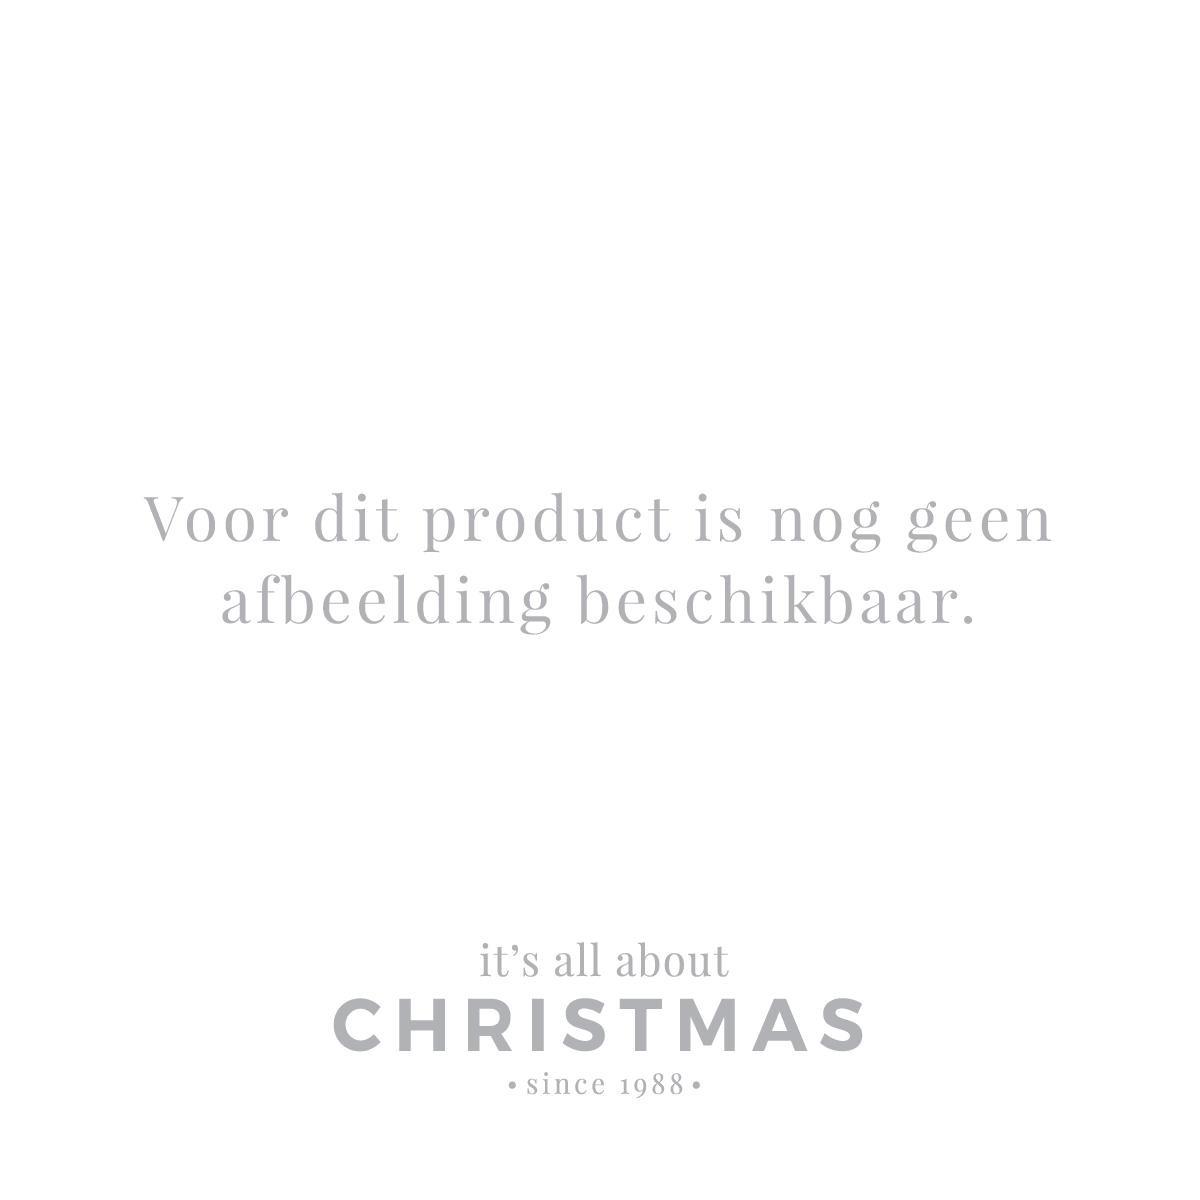 Christbaumkugeln Champagner Glas.4 Christbaumkugeln Glas Champagner In Box It S All About Christmas